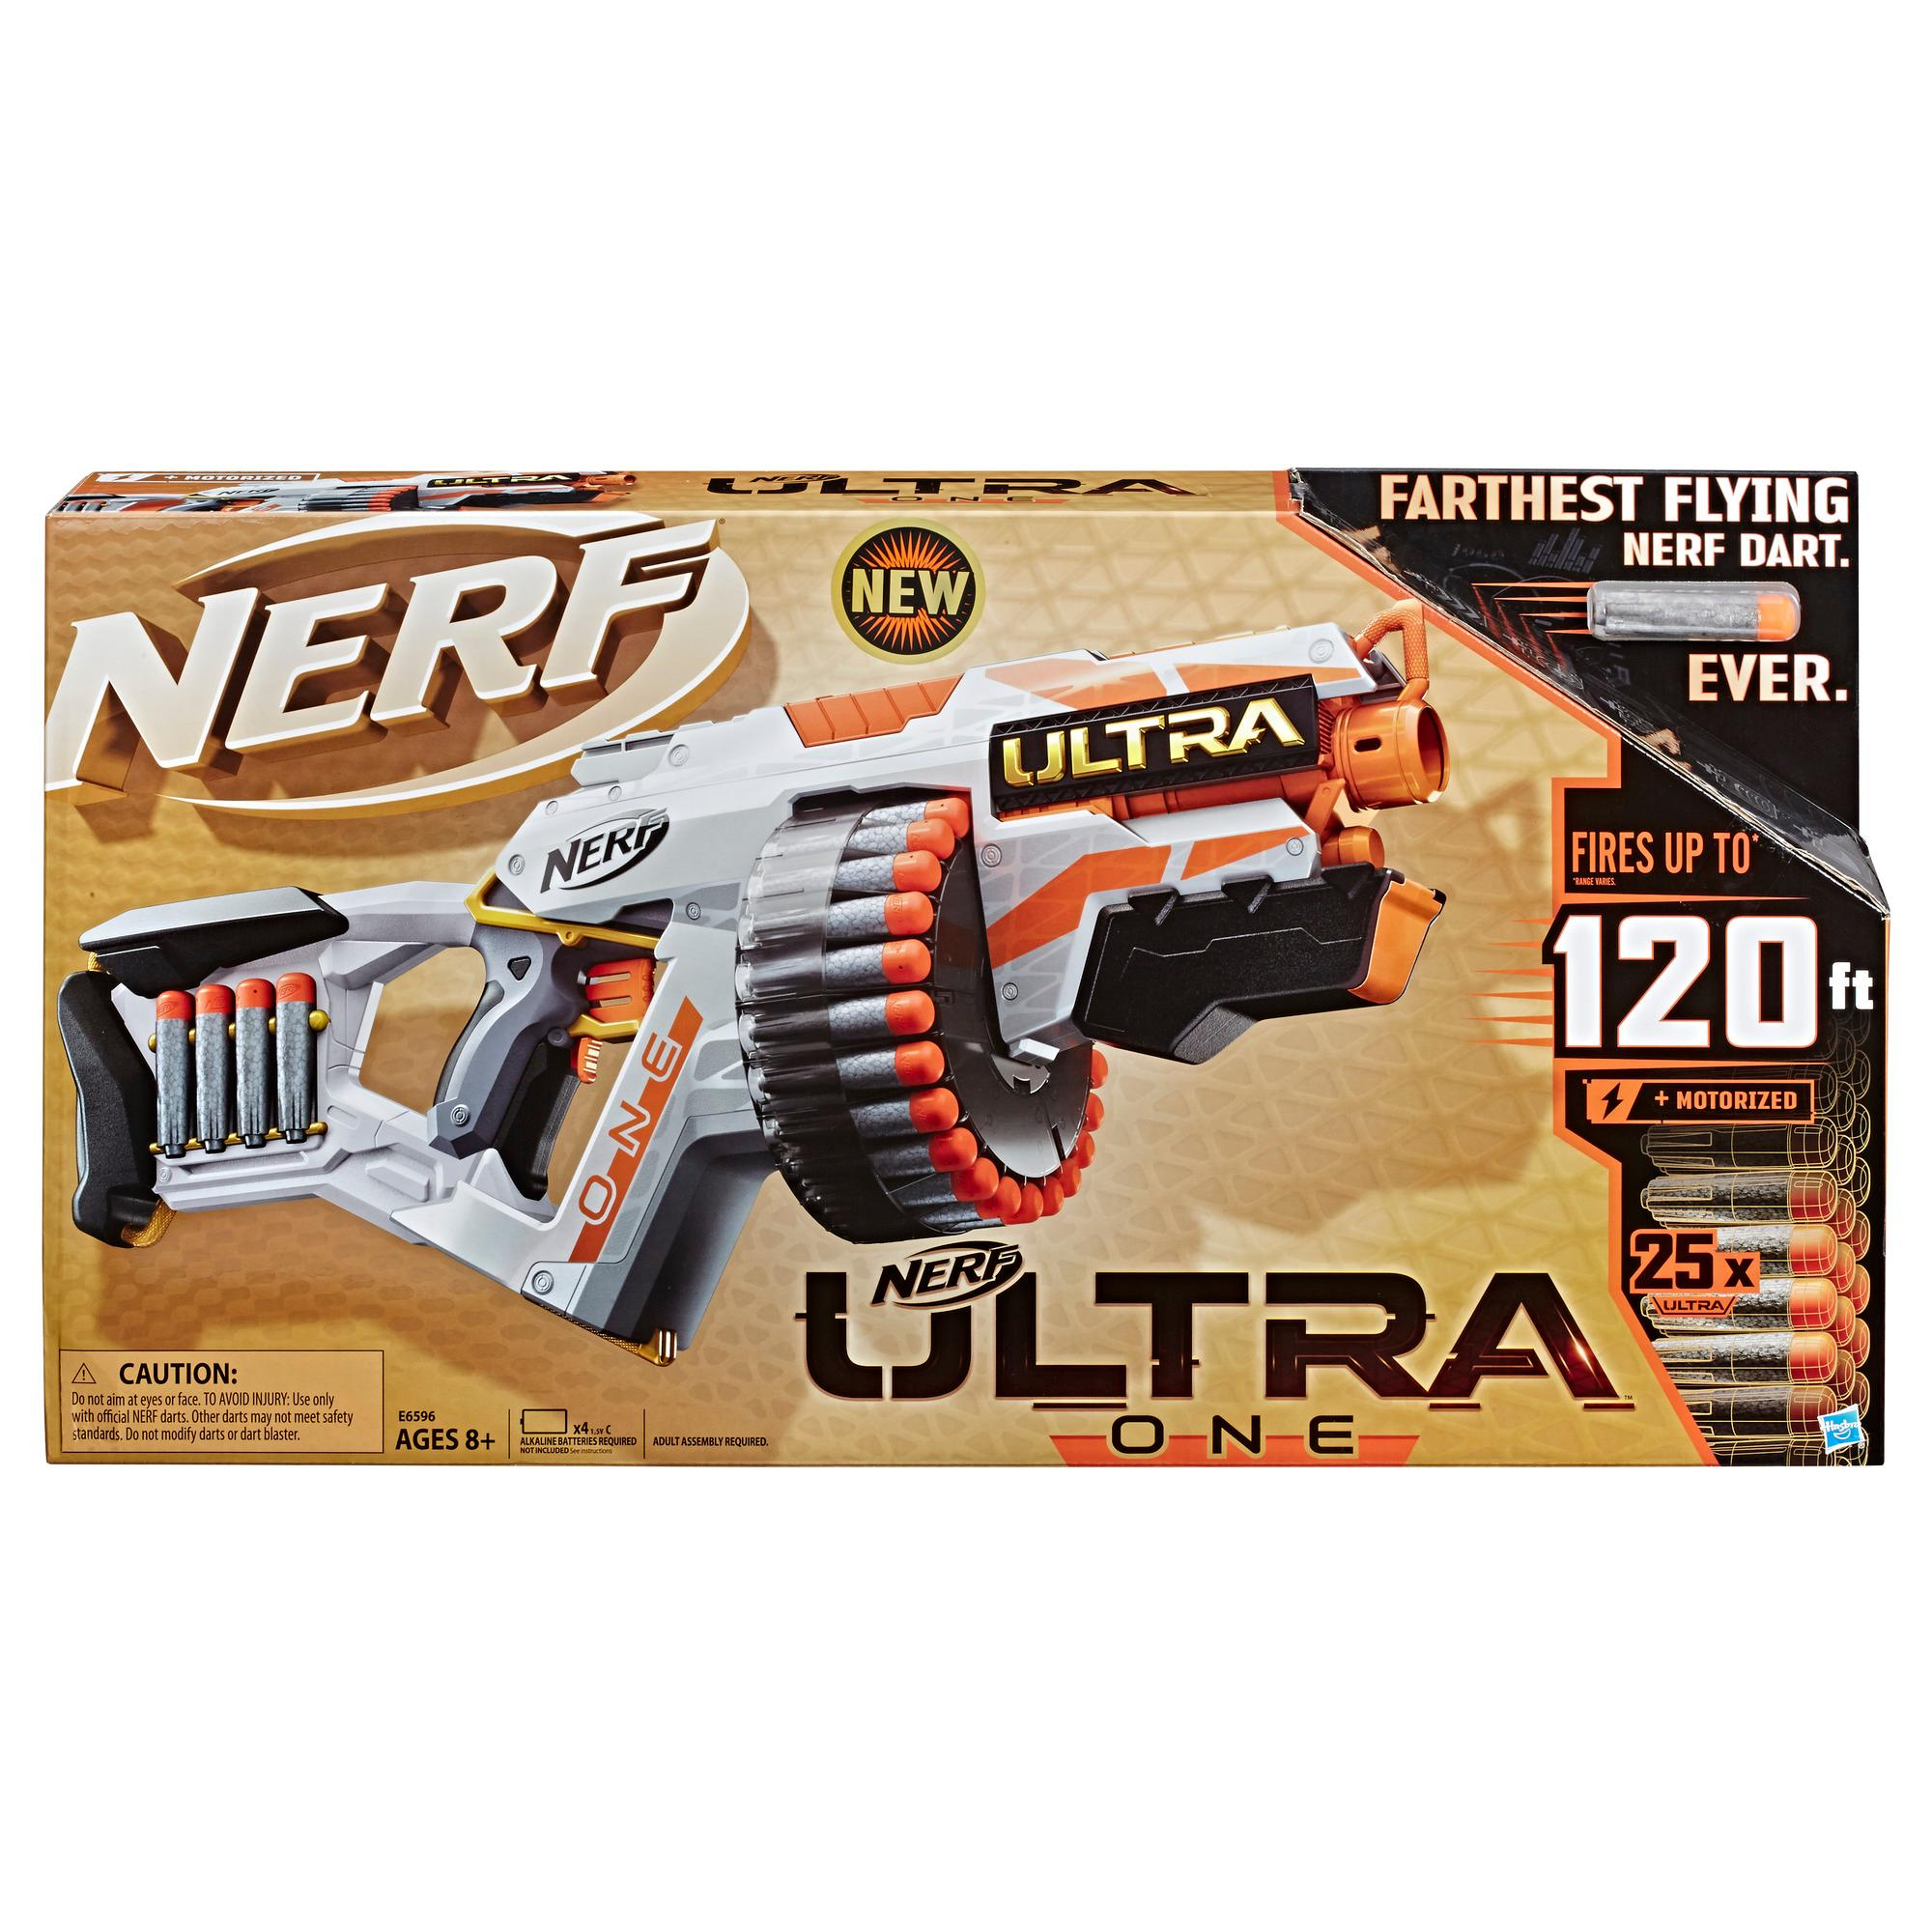 Μηχανοκίνητος Εκτοξευτής Nerf Ultra One, 25 βελάκια Nerf Ultra -- Συμβατός μόνο με βελάκια Nerf Ultra